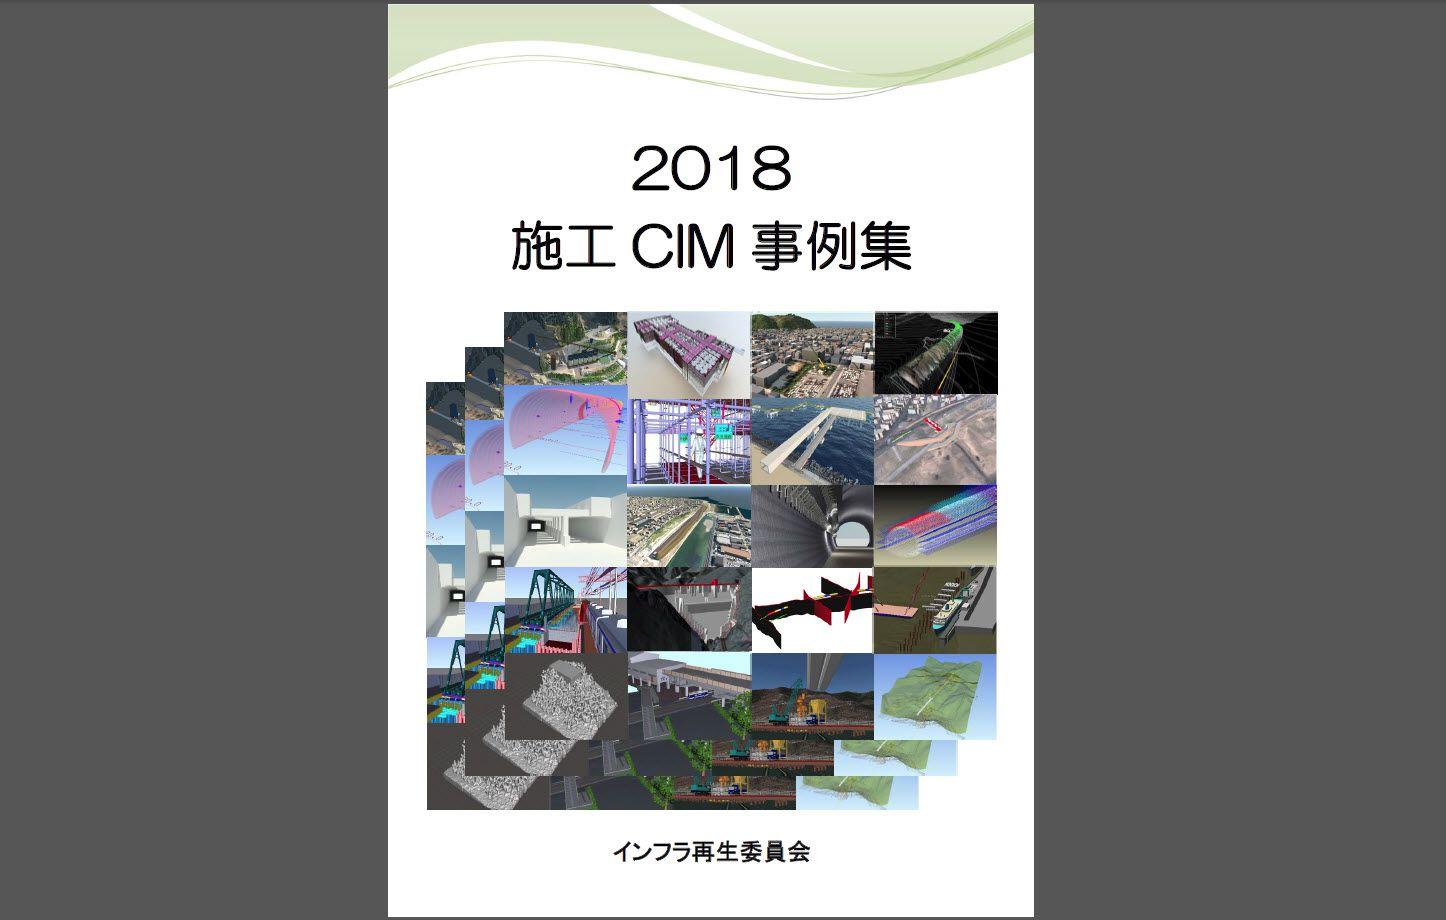 【資訊分享】日本建設連合会-2018 CIM事例集